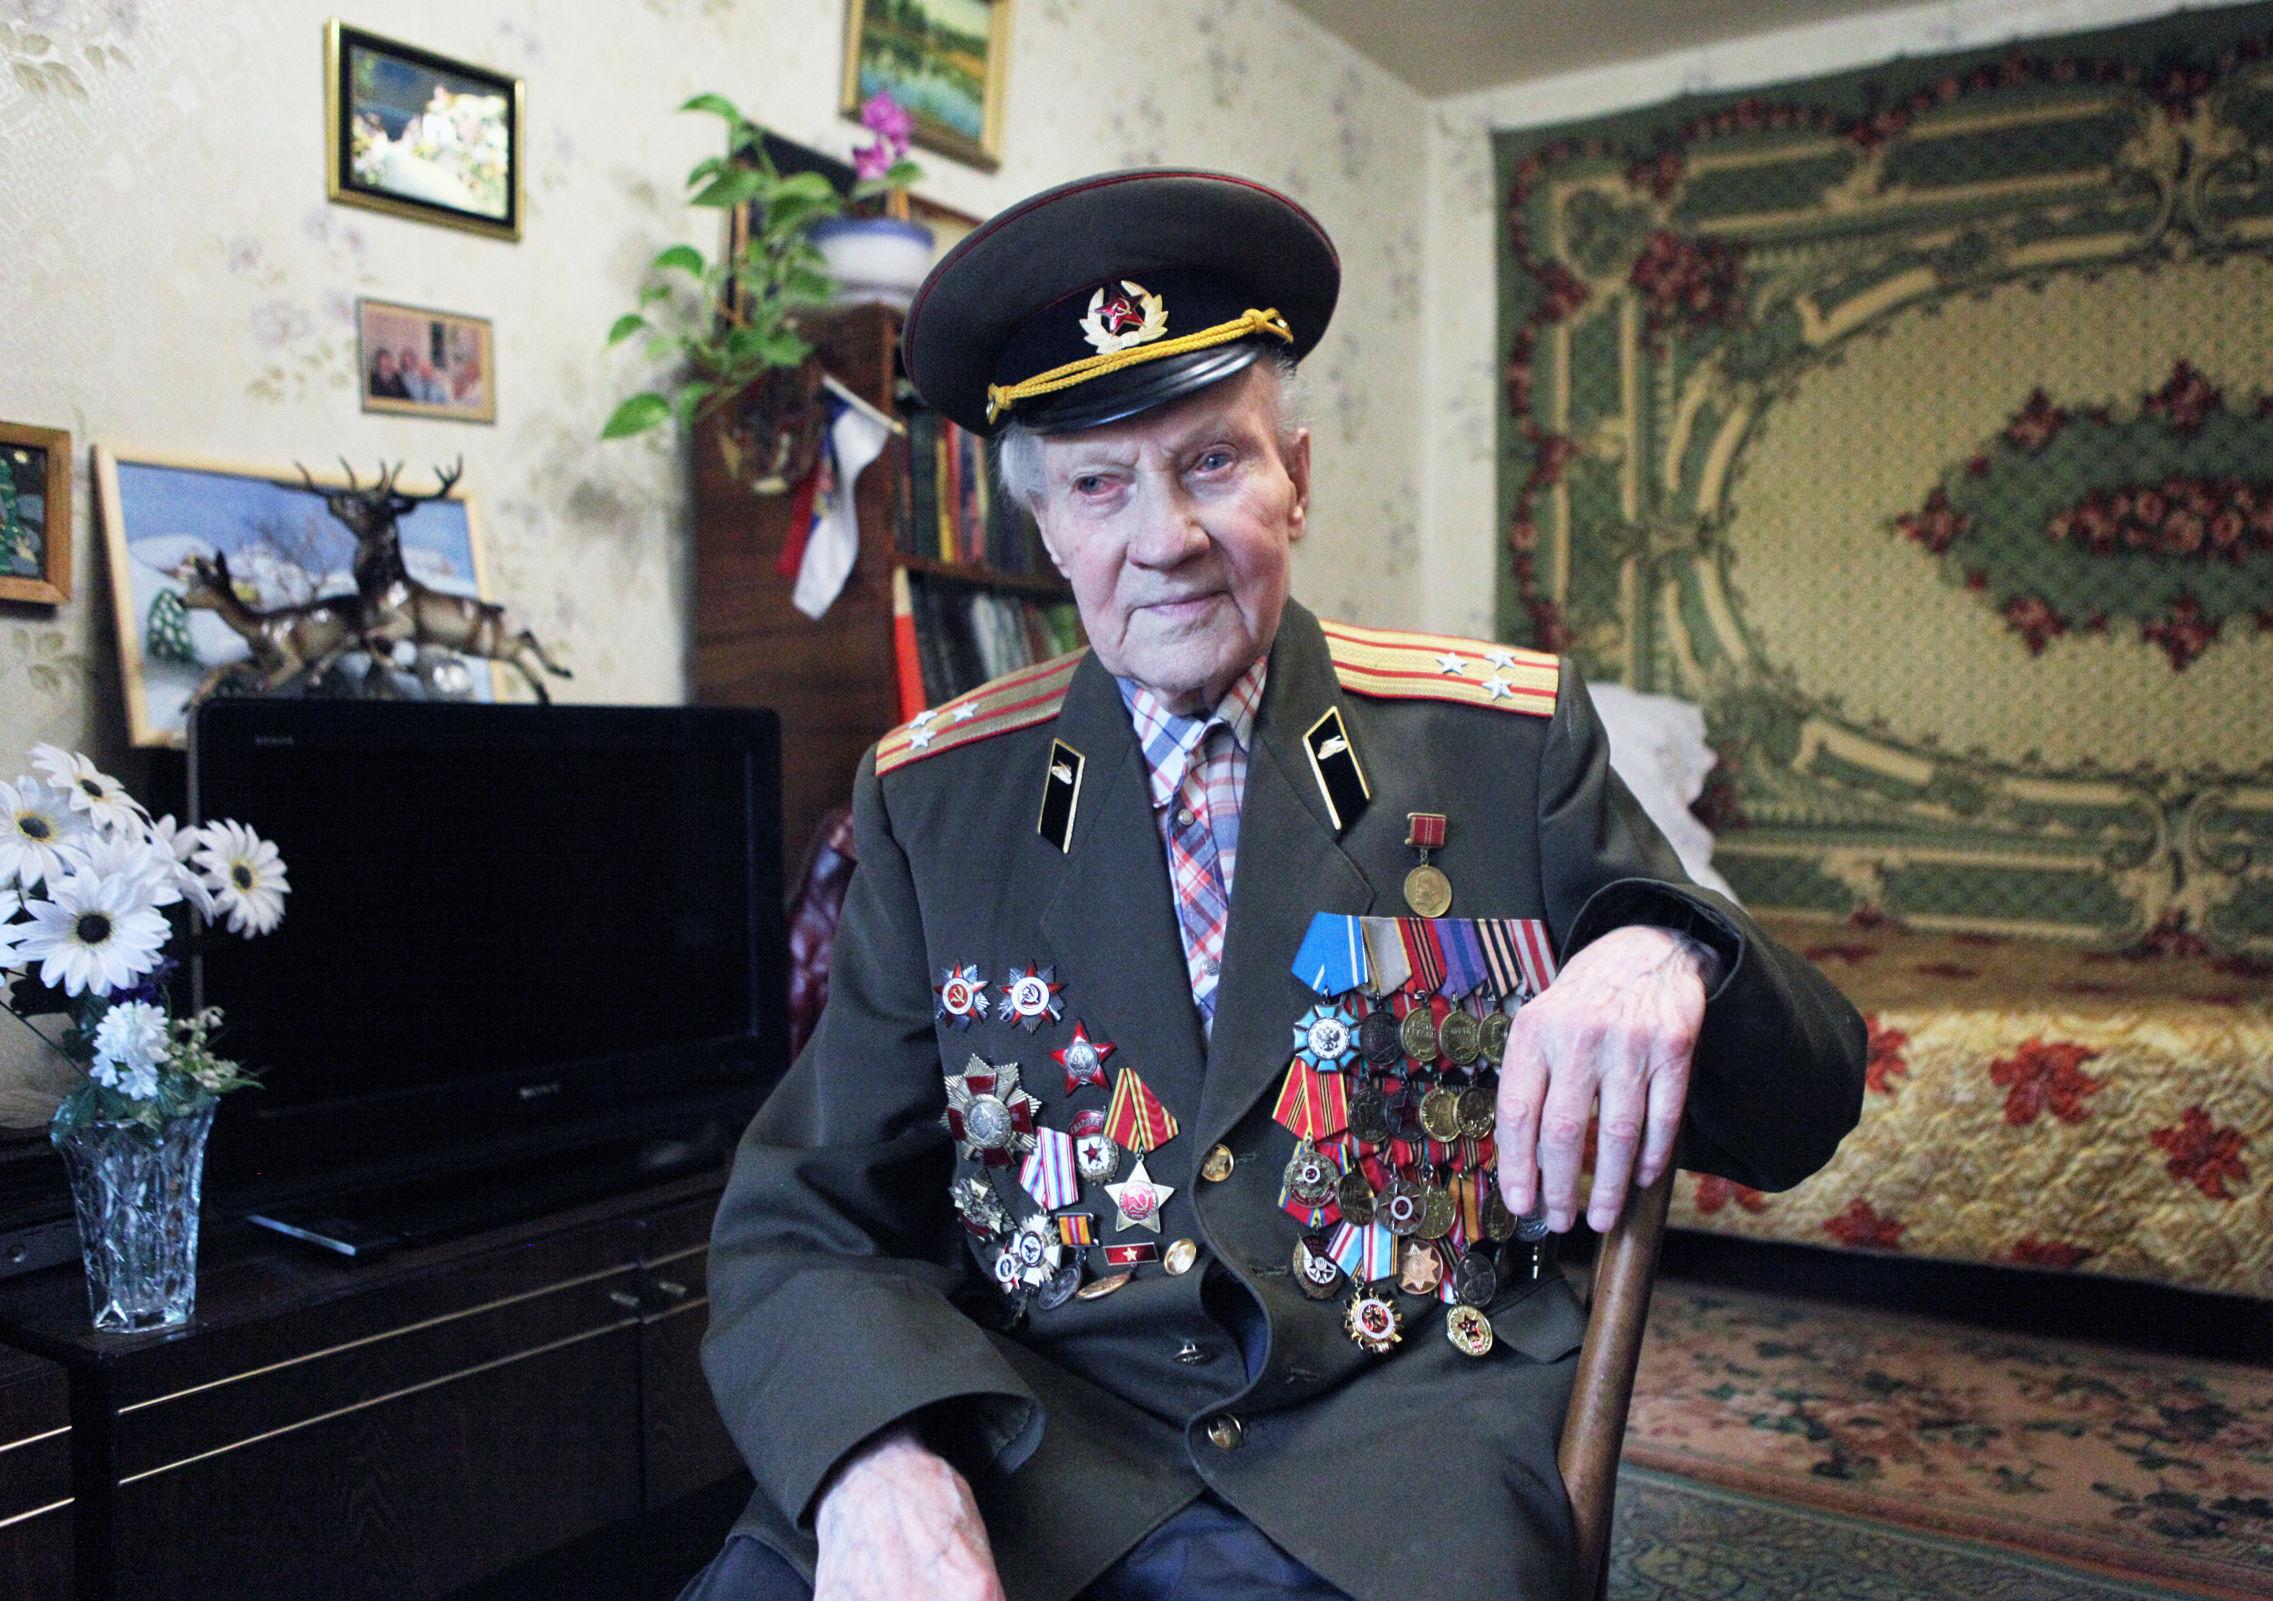 Ярославский ветеран рассказал об участии в легендарном Параде Победы на Красной площади